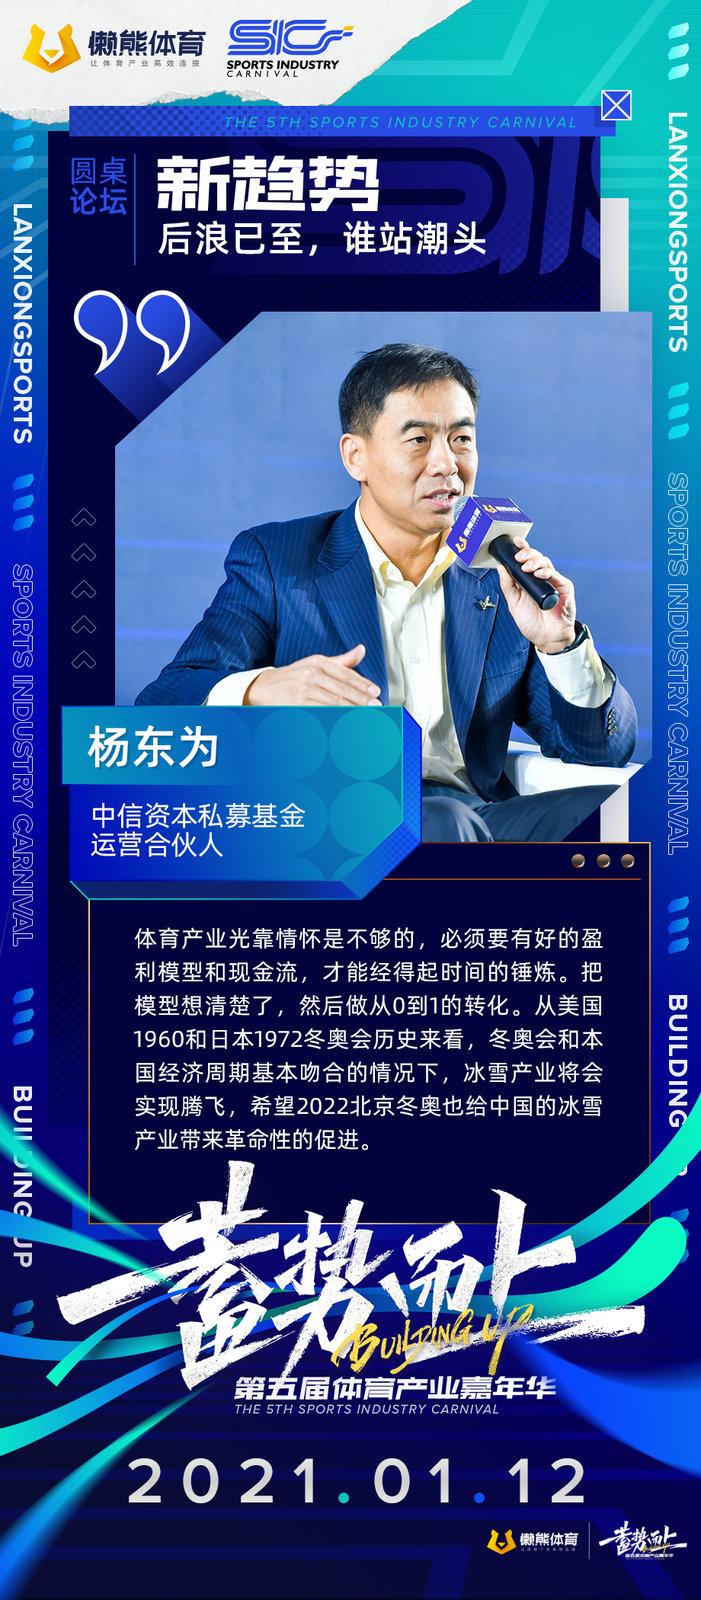 第五届体育产业嘉年华 | 嘉宾金句合集